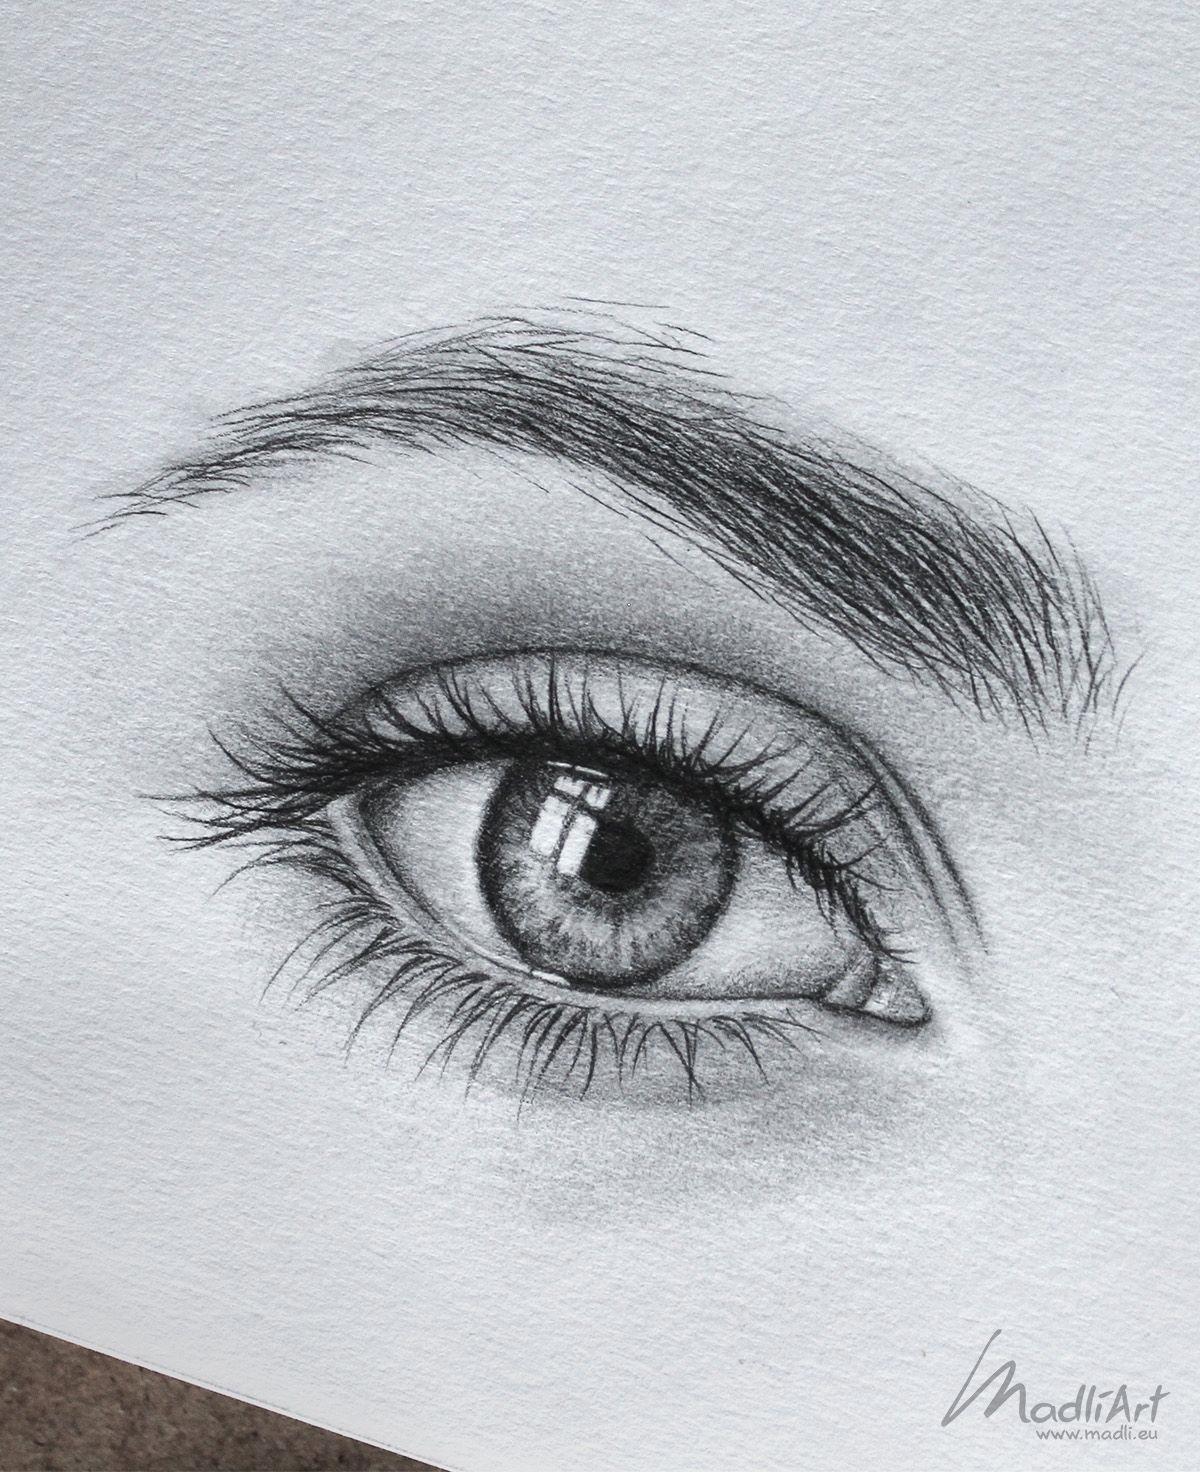 Sketchbook Dibujo Del Ojo Cerca Hasta Que Me Pencil Tipo De Idea Que Yo Ojo Dibujo Realis In 2020 Realistic Sketch Sketchbook Drawing Realistic Drawings